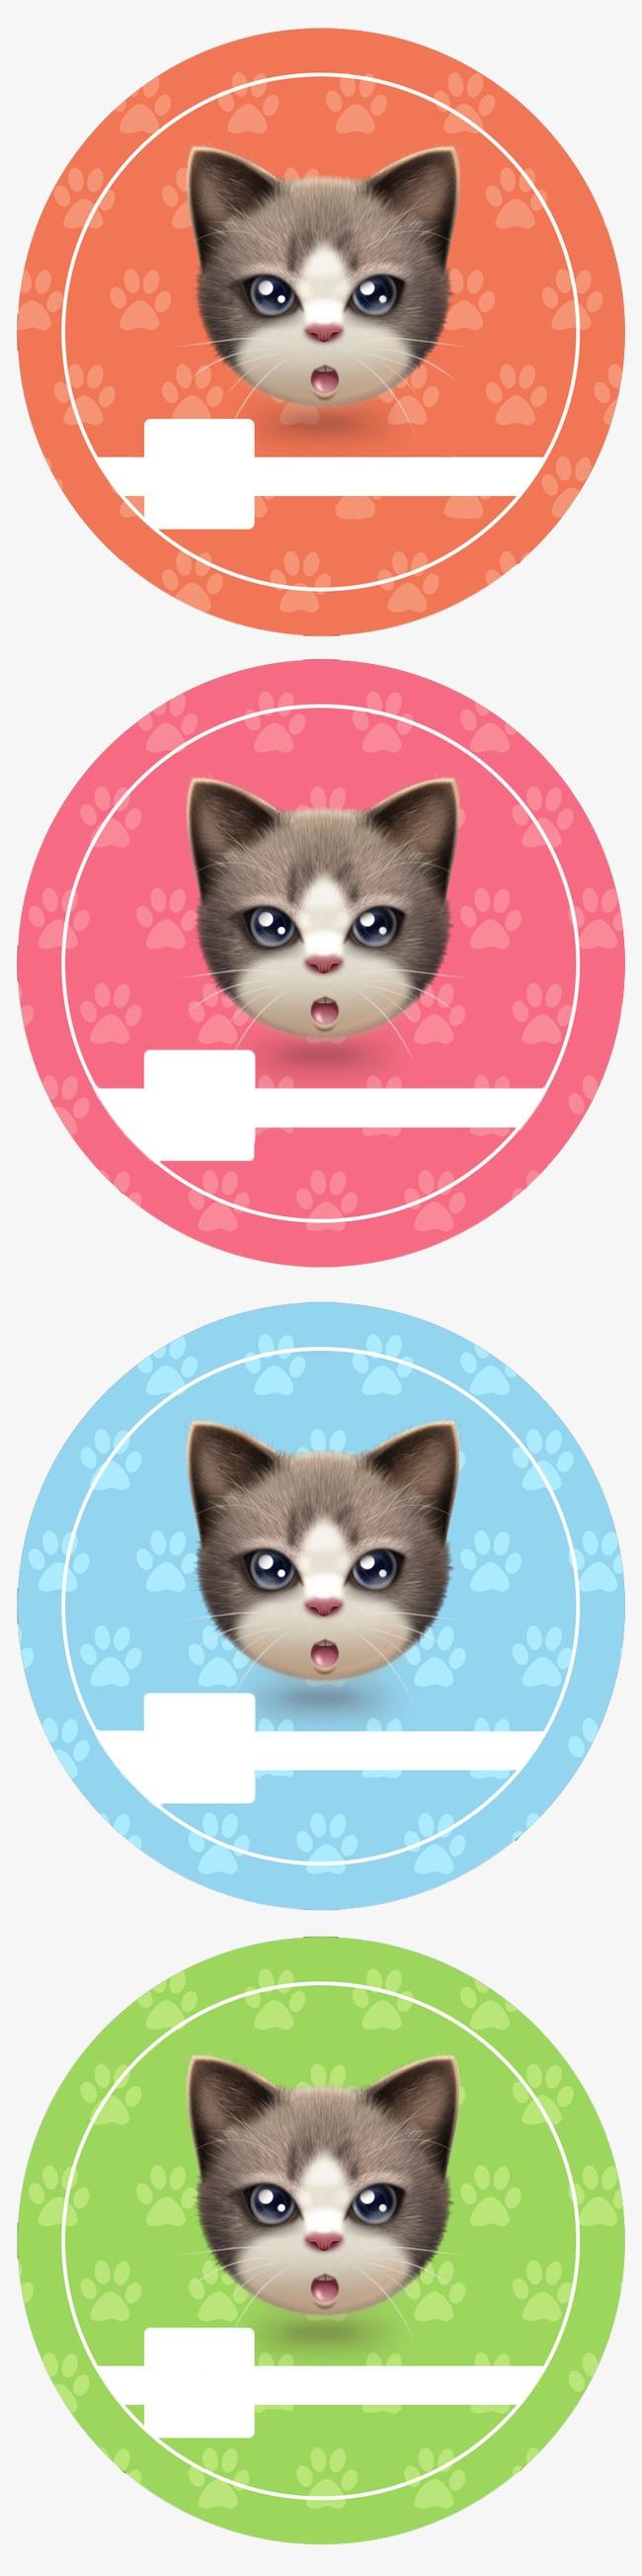 猫头分解法步骤